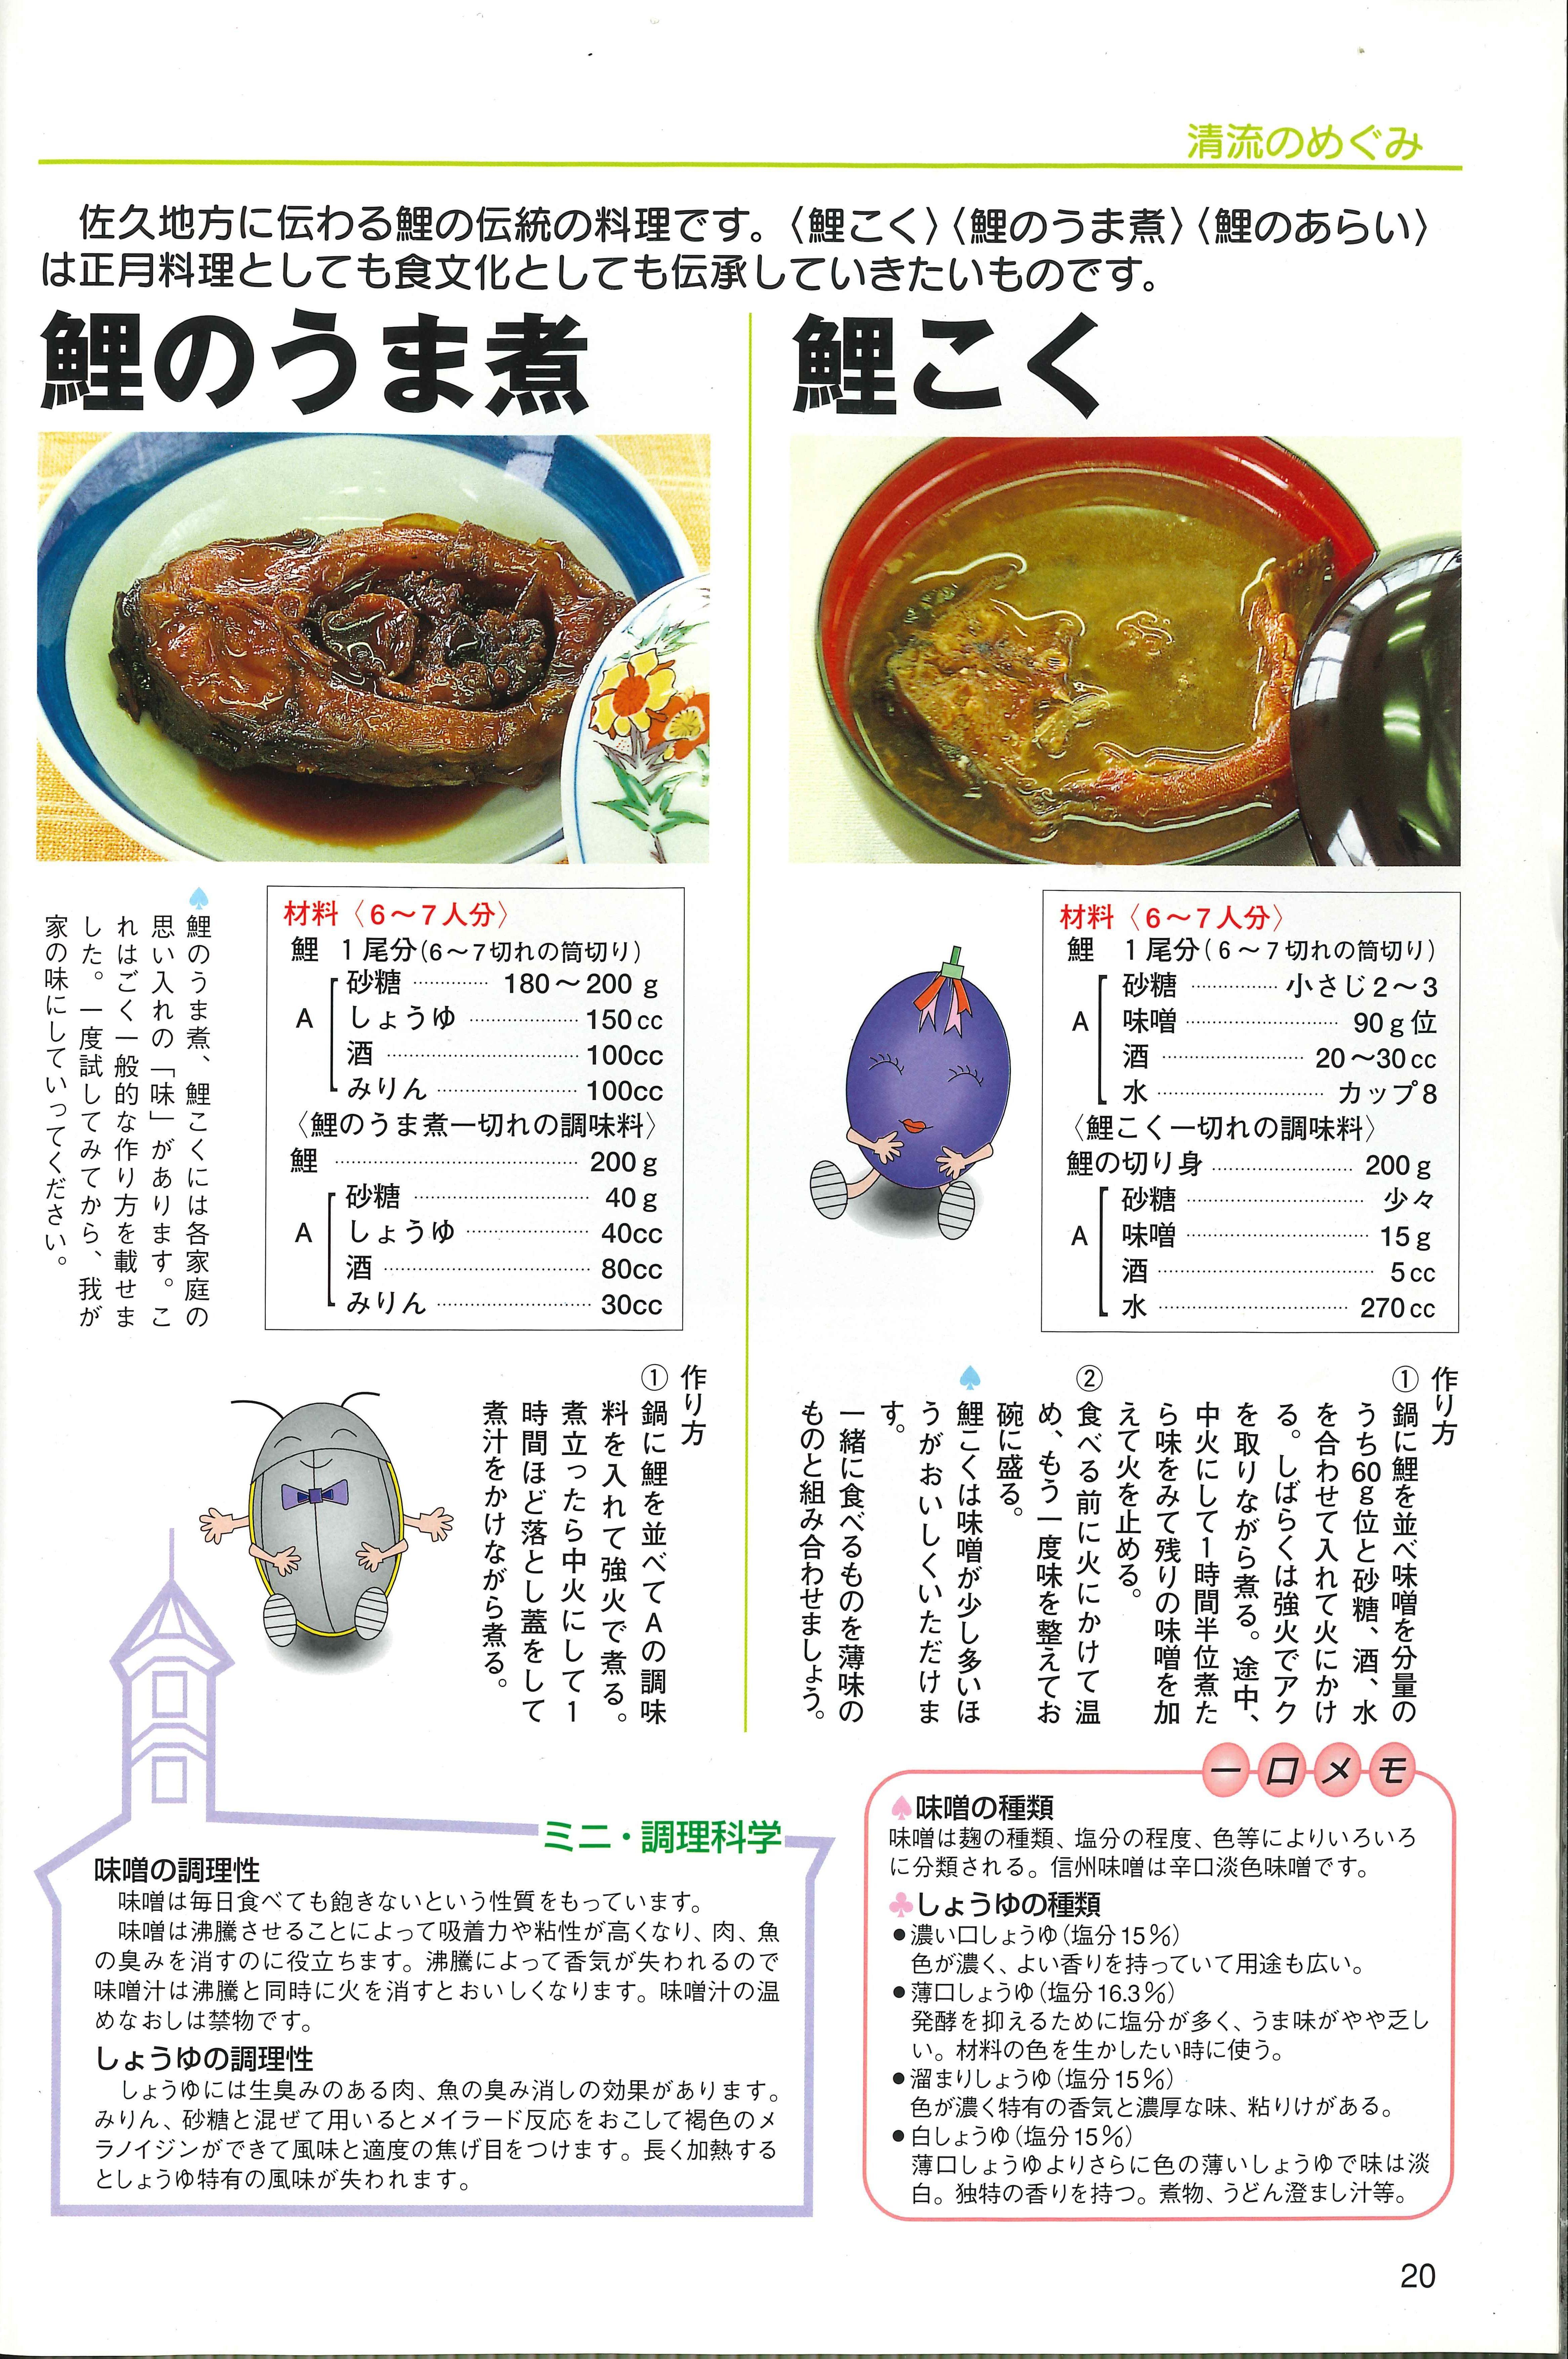 イメージ:今年も佐久の食文化でお歳とりを!~鯉のうま煮、鯉こくレシピ紹介~